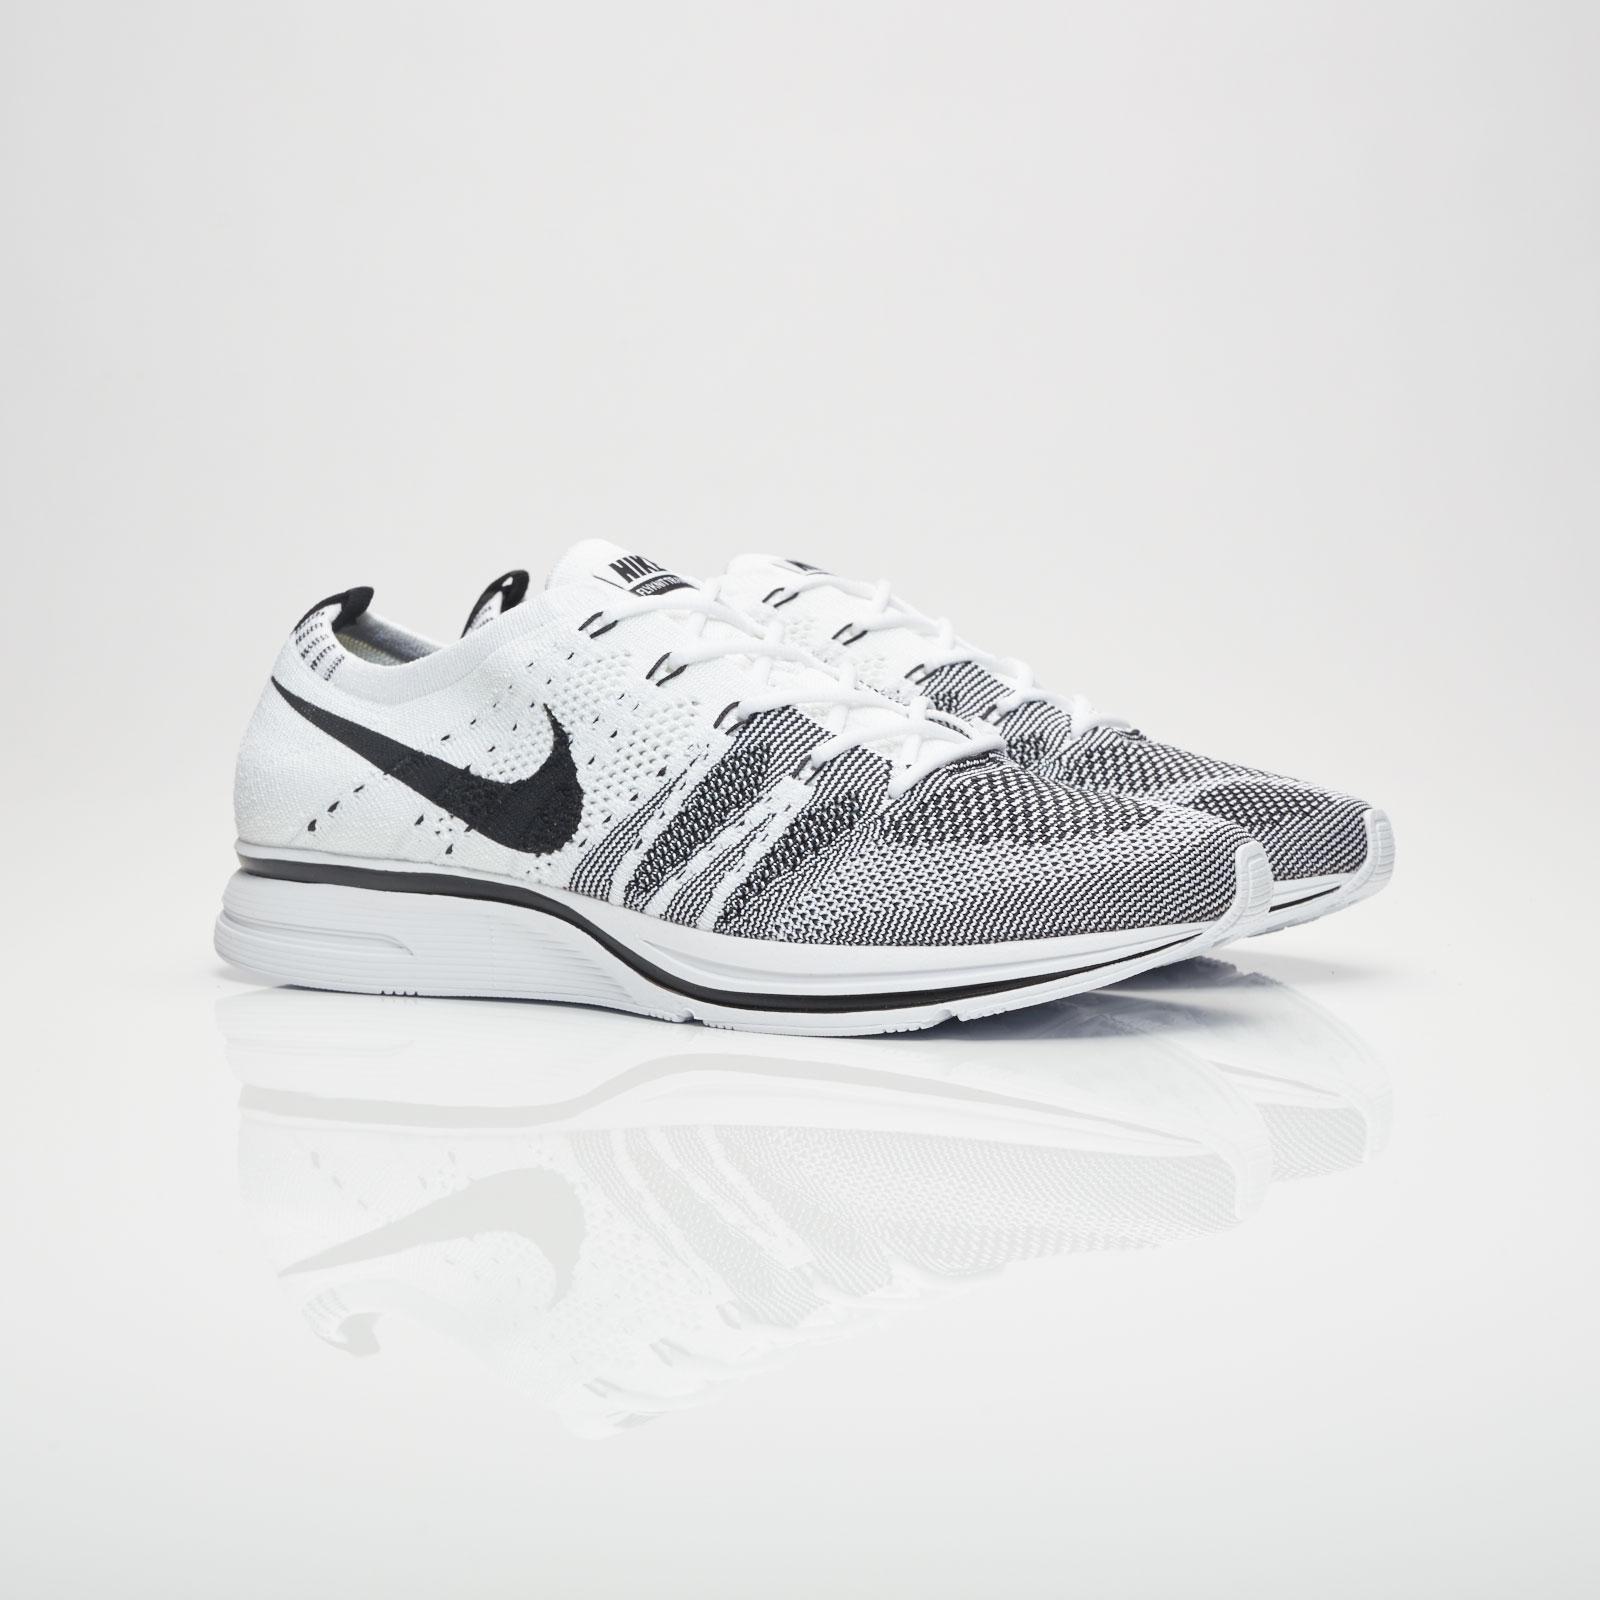 95a3a8771d755 Nike Flyknit Trainer - Ah8396-100 - Sneakersnstuff